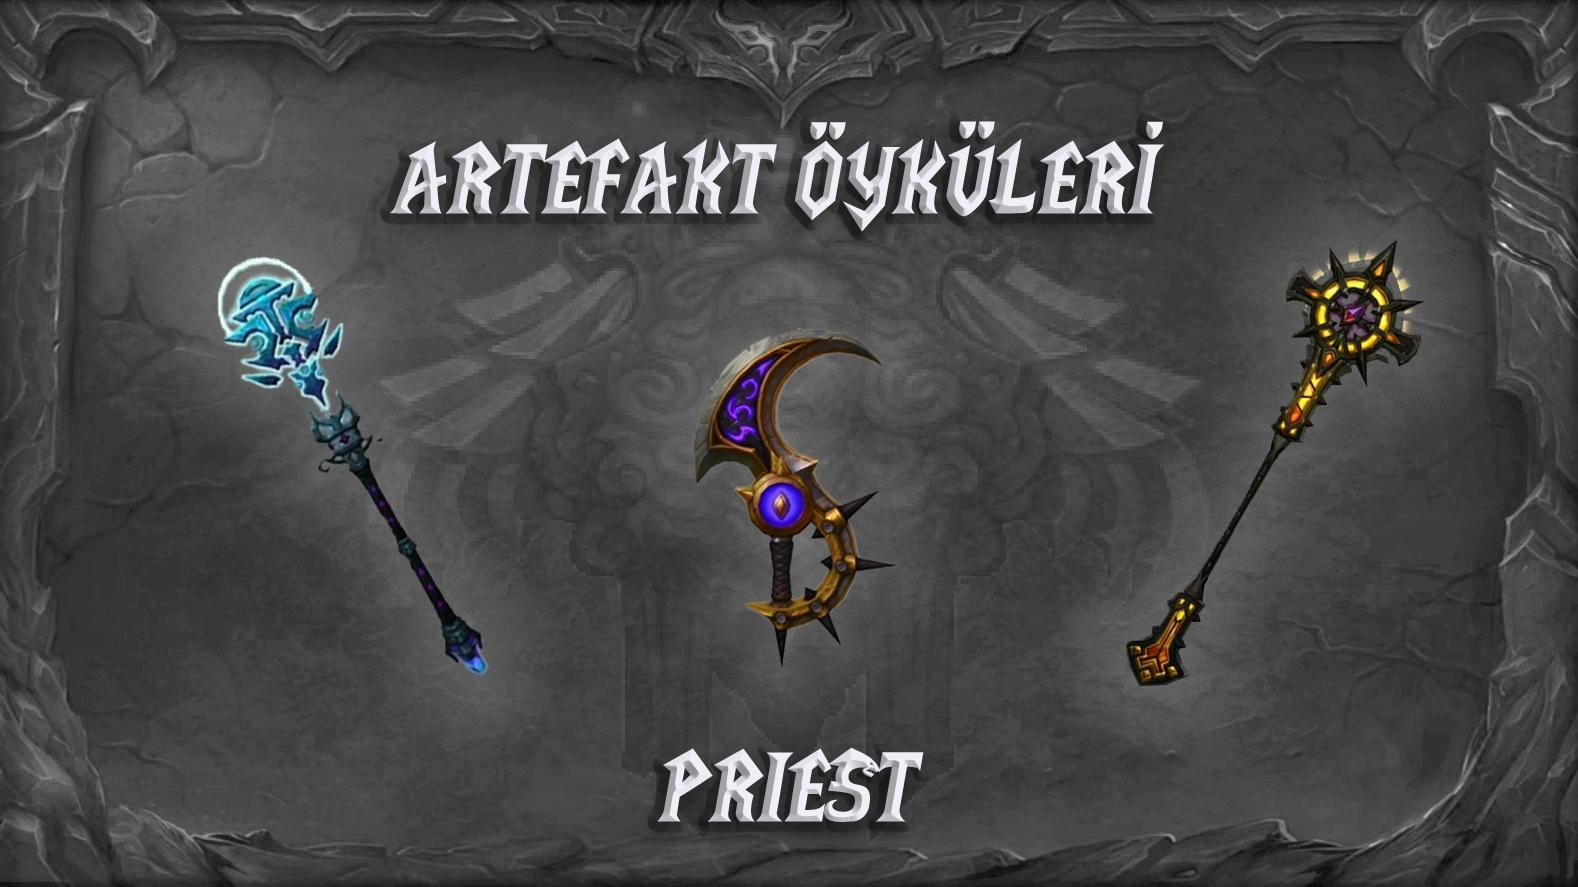 lorekeeper-artefakt-oykuleri-priest